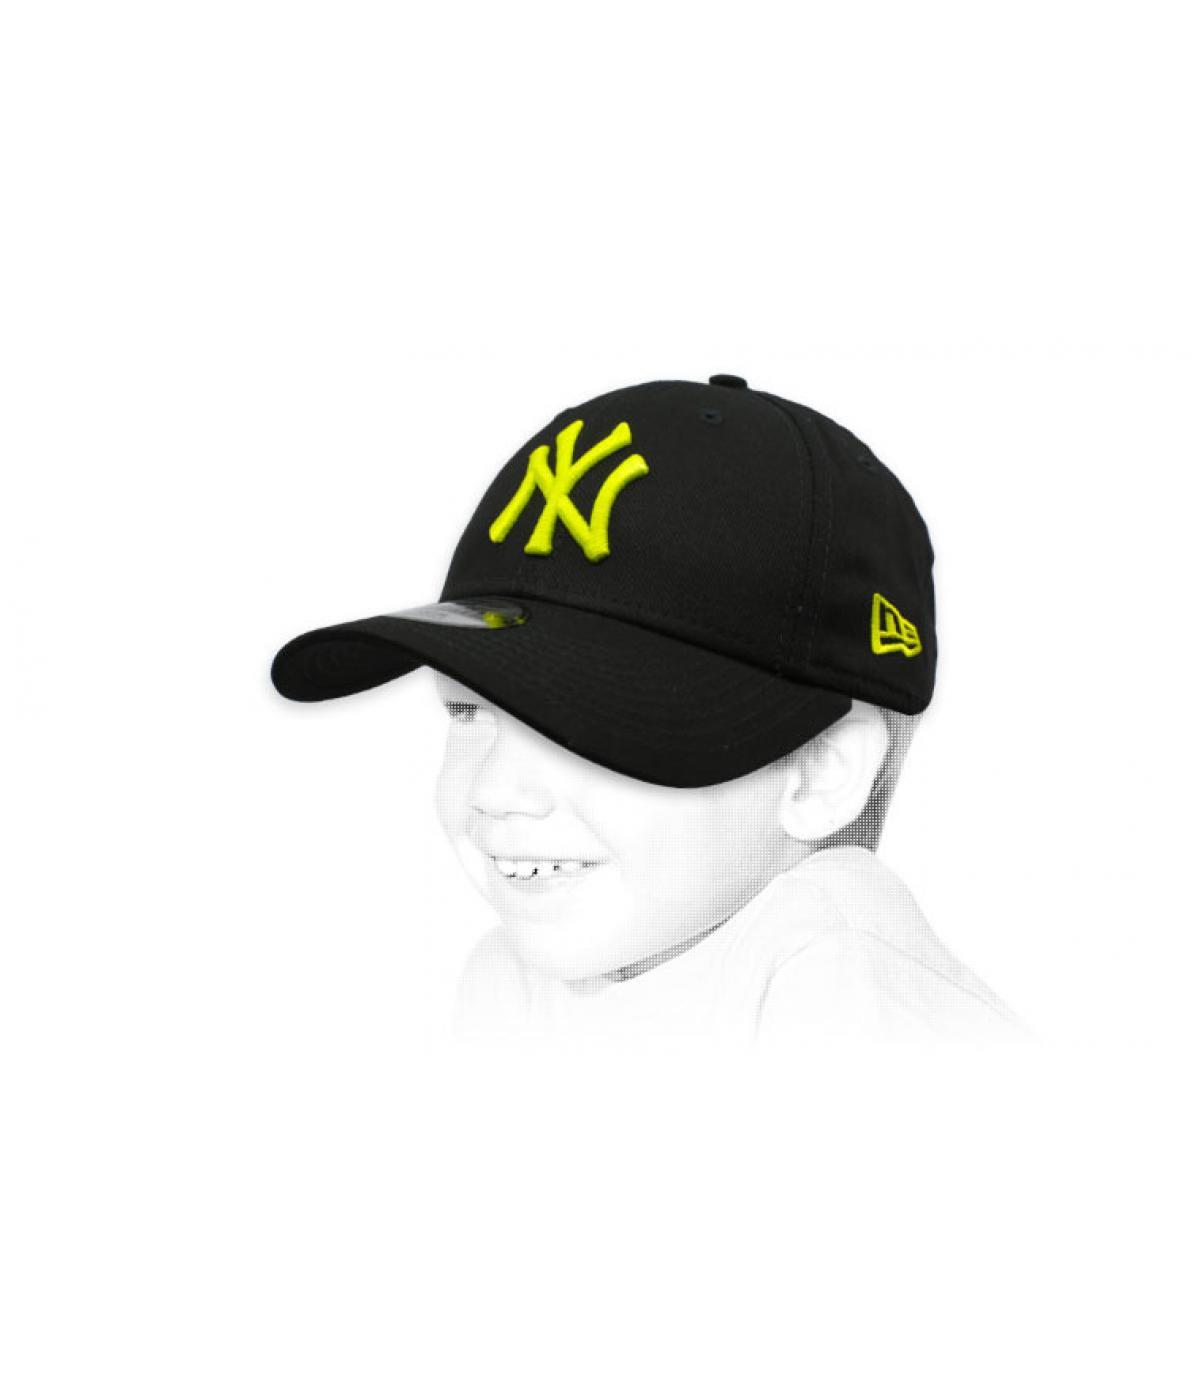 Kinder Cap NY schwarz gelb